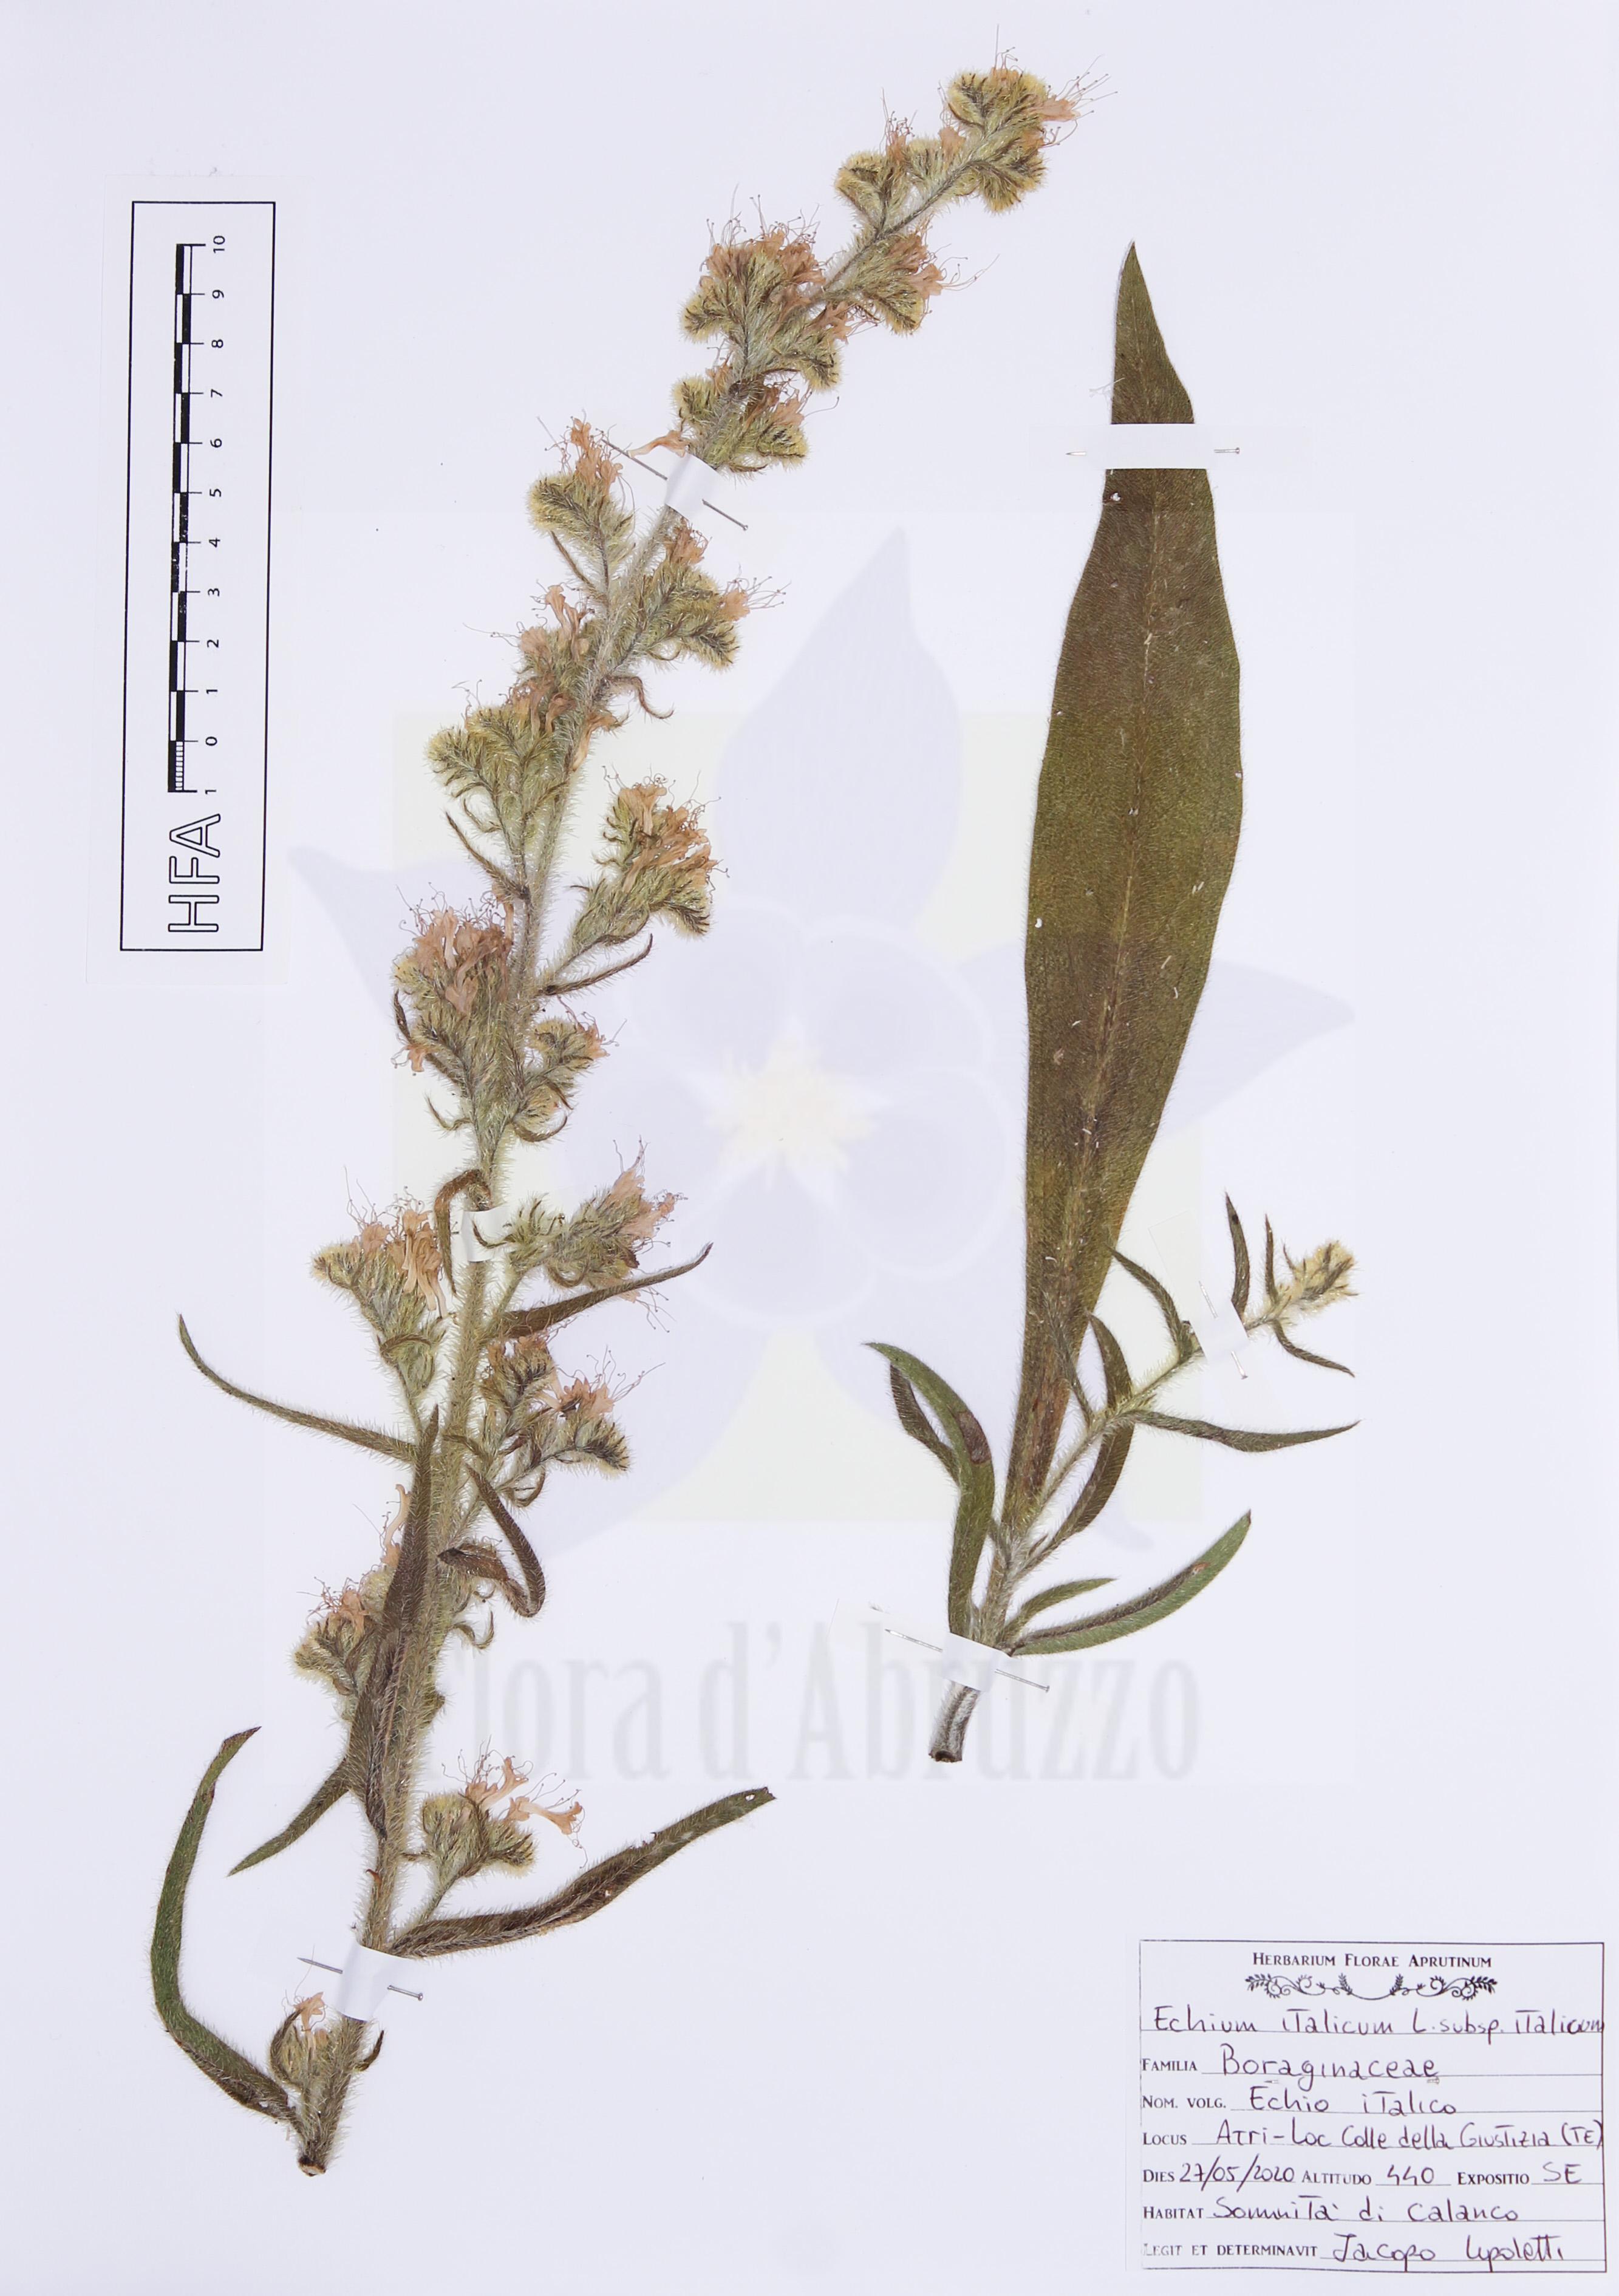 Echium italicumL. subsp.italicum